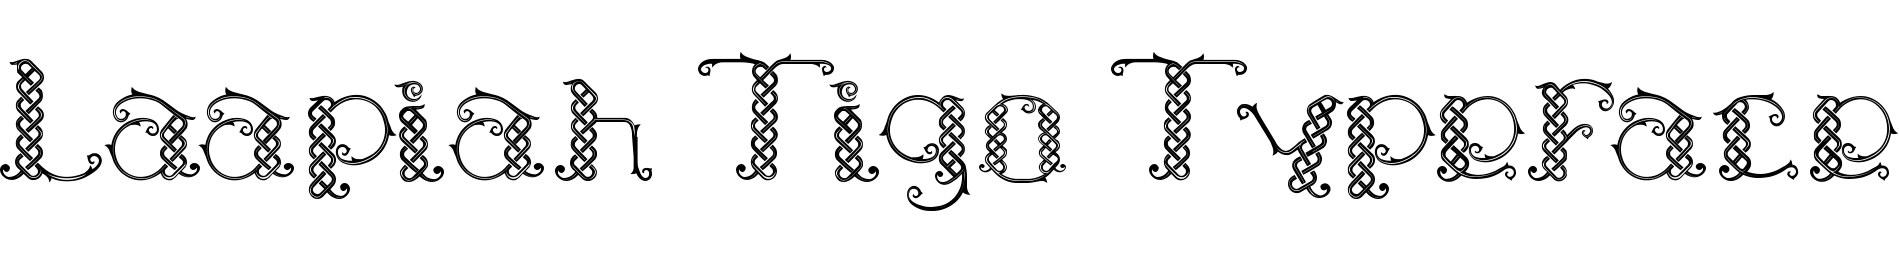 Laapiah Tigo Typeface